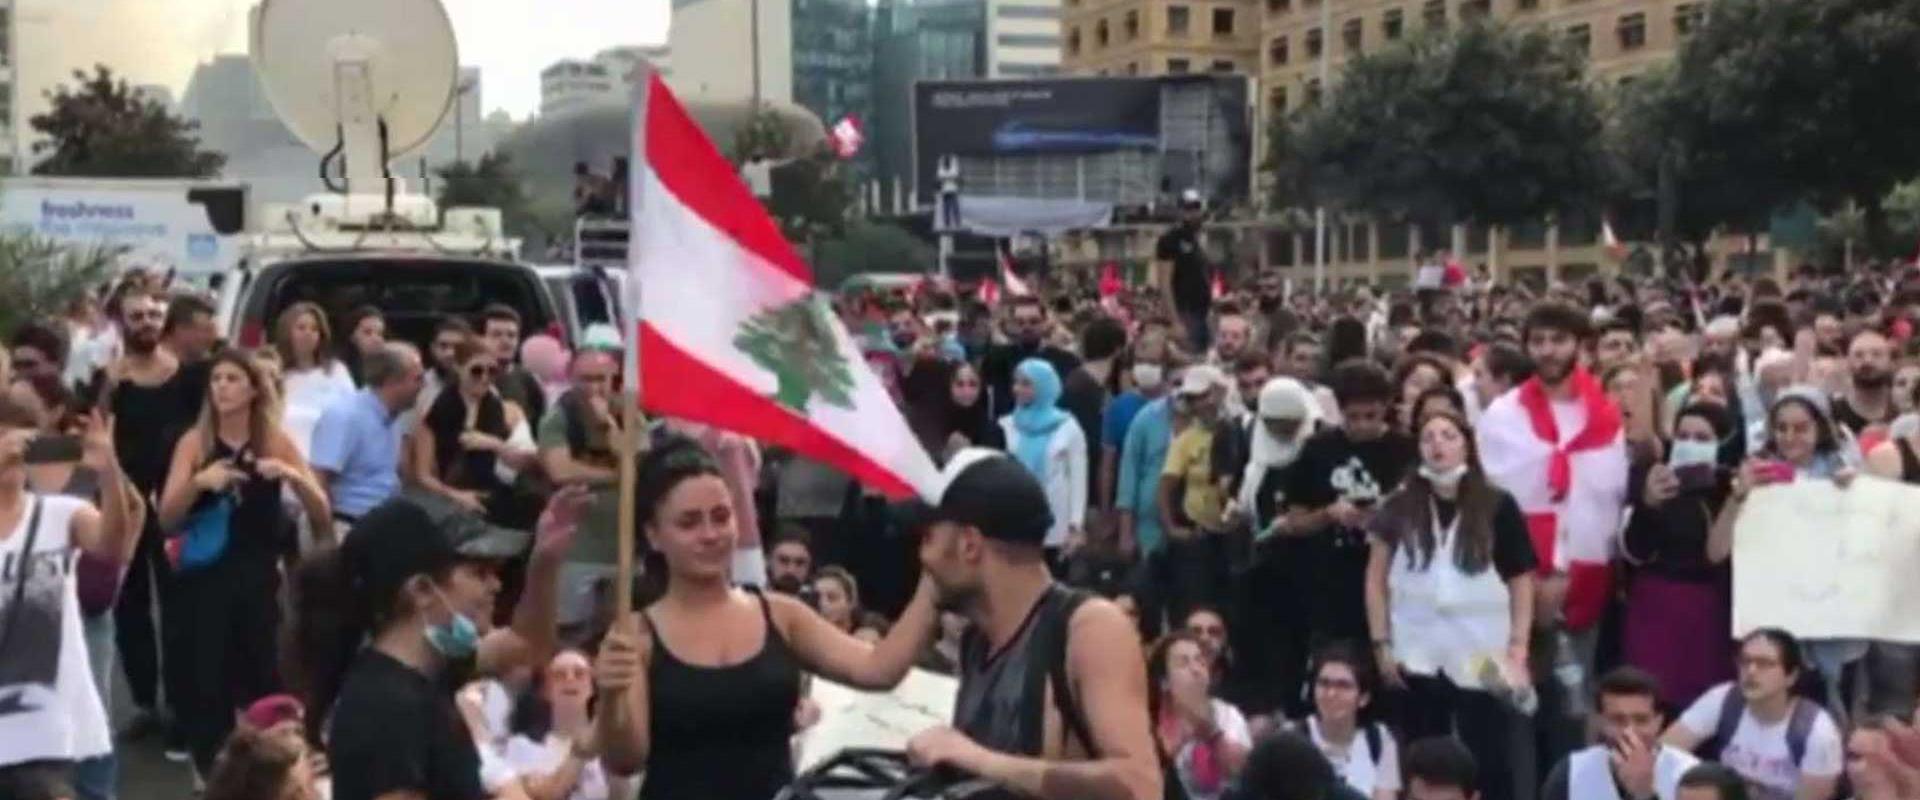 הפגנות בלבנון בהשתתפות נשים